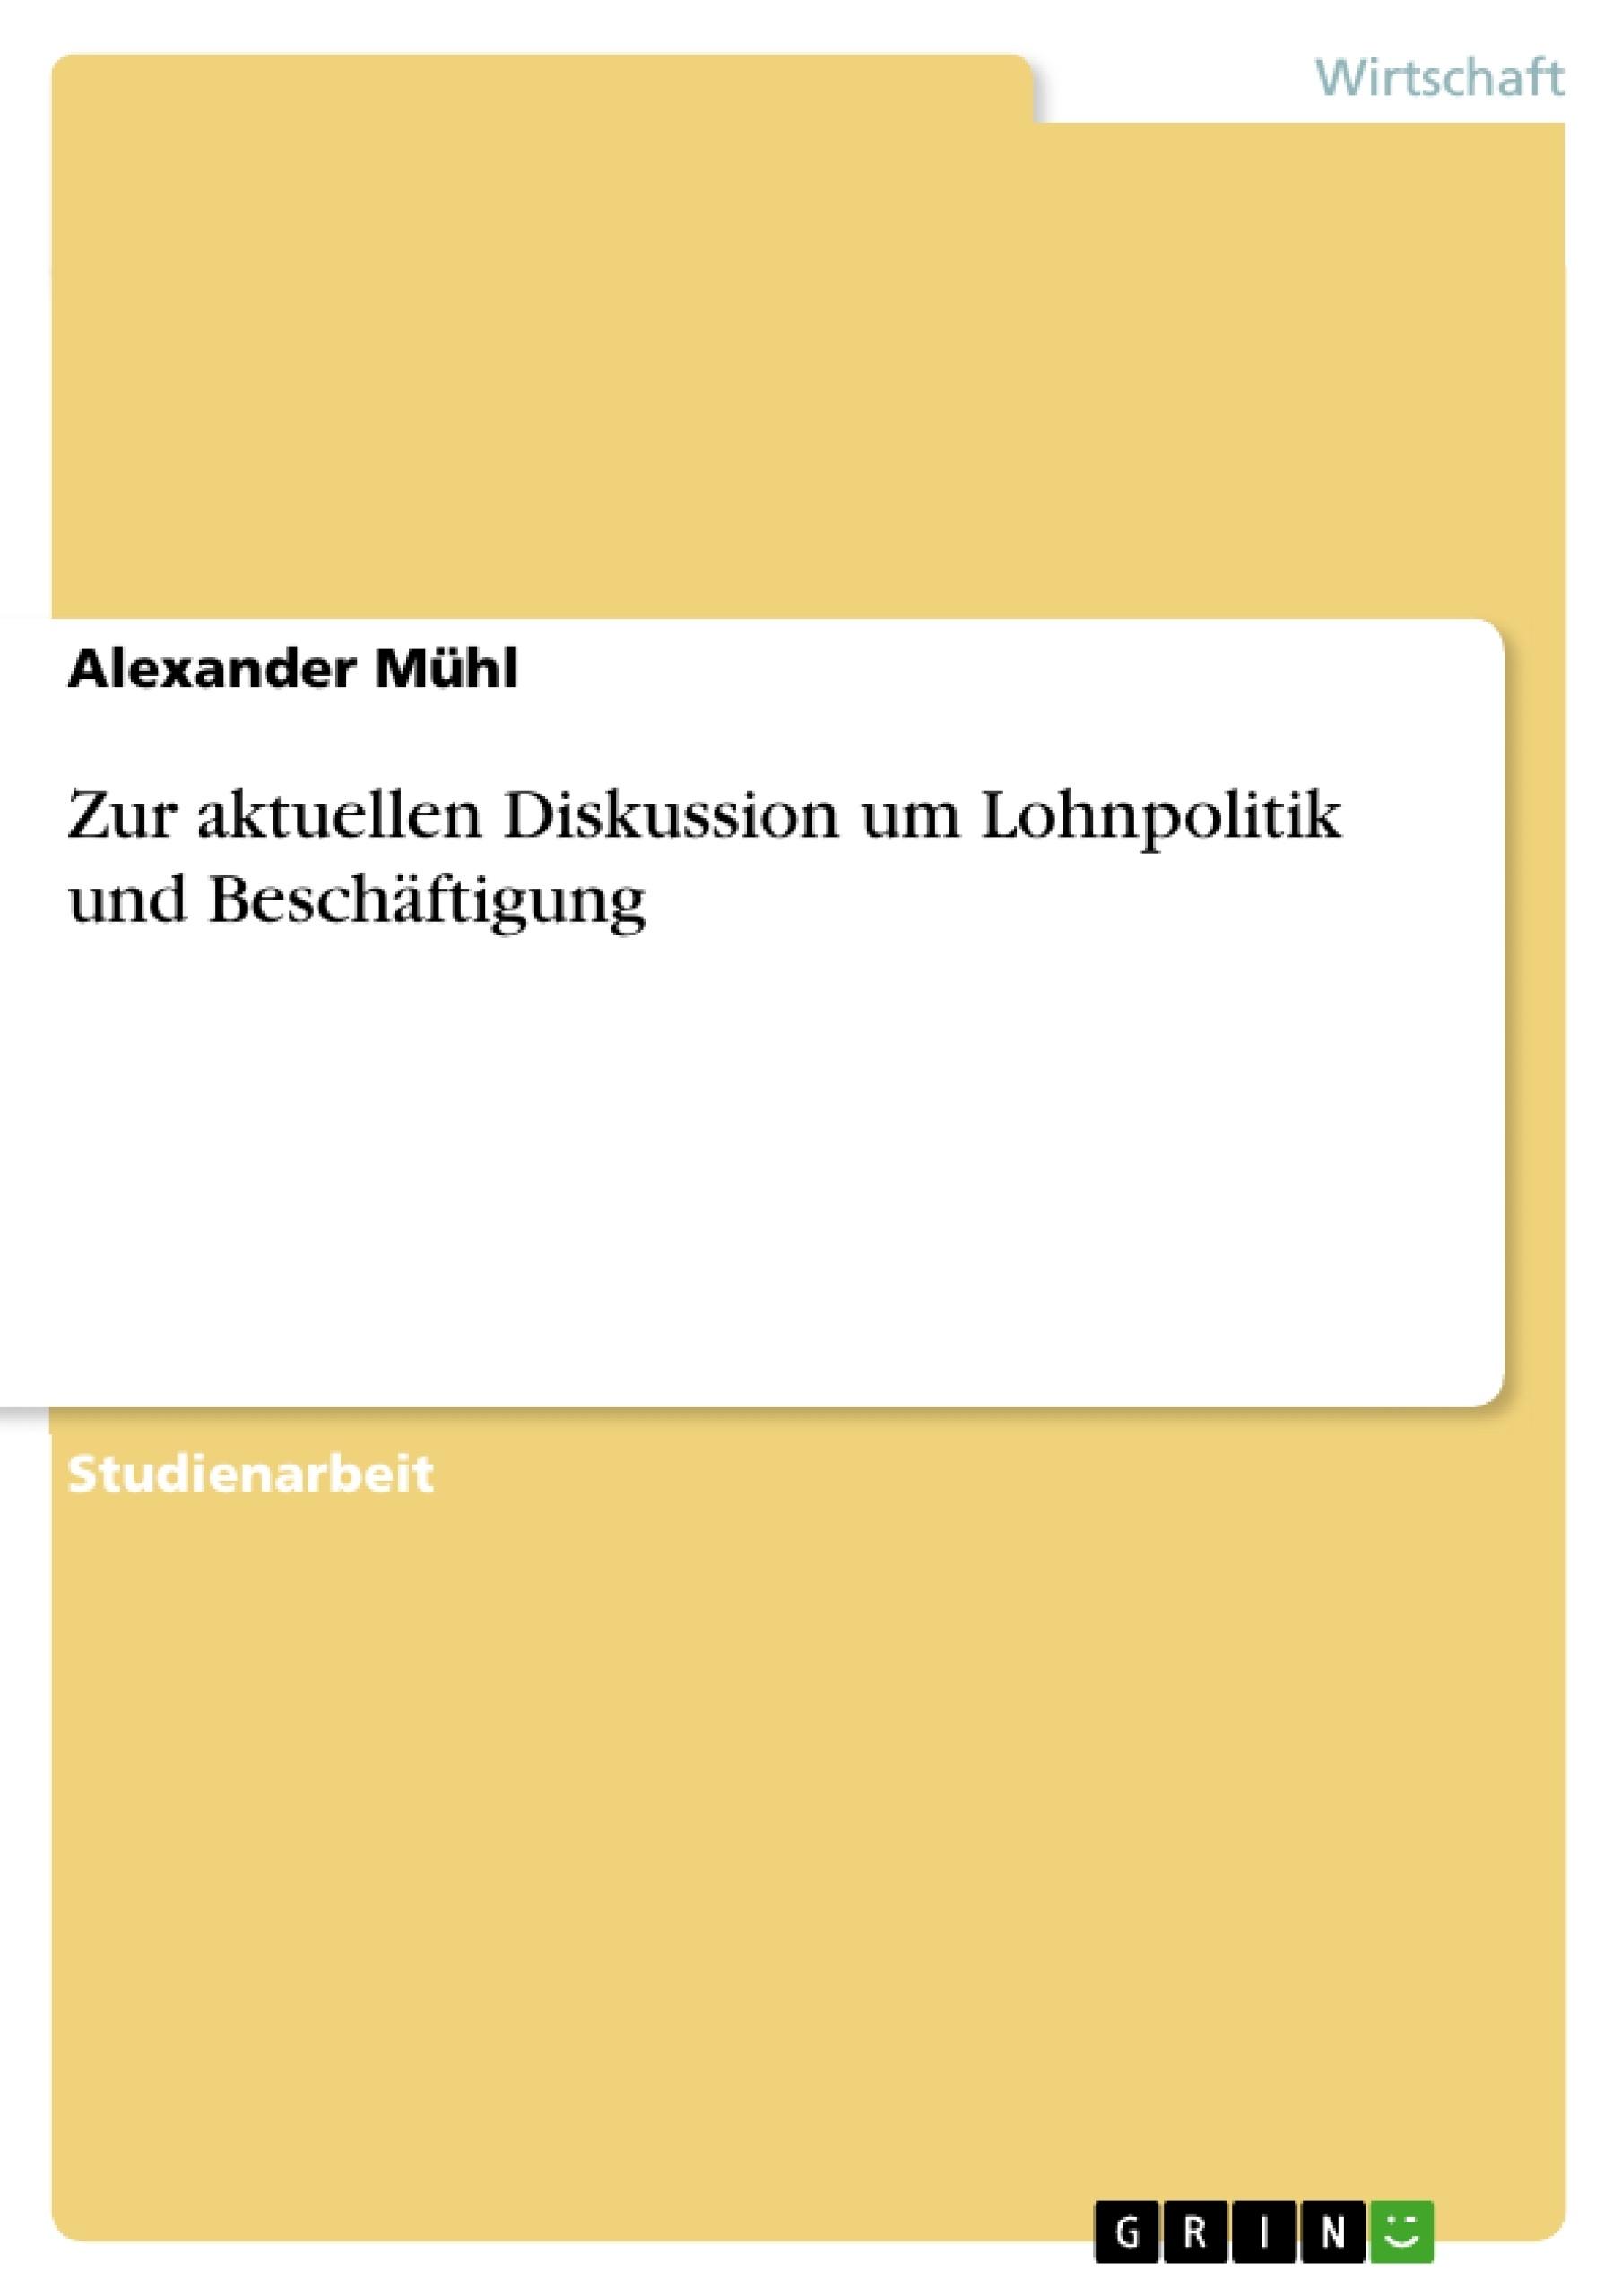 Titel: Zur aktuellen Diskussion um Lohnpolitik und Beschäftigung